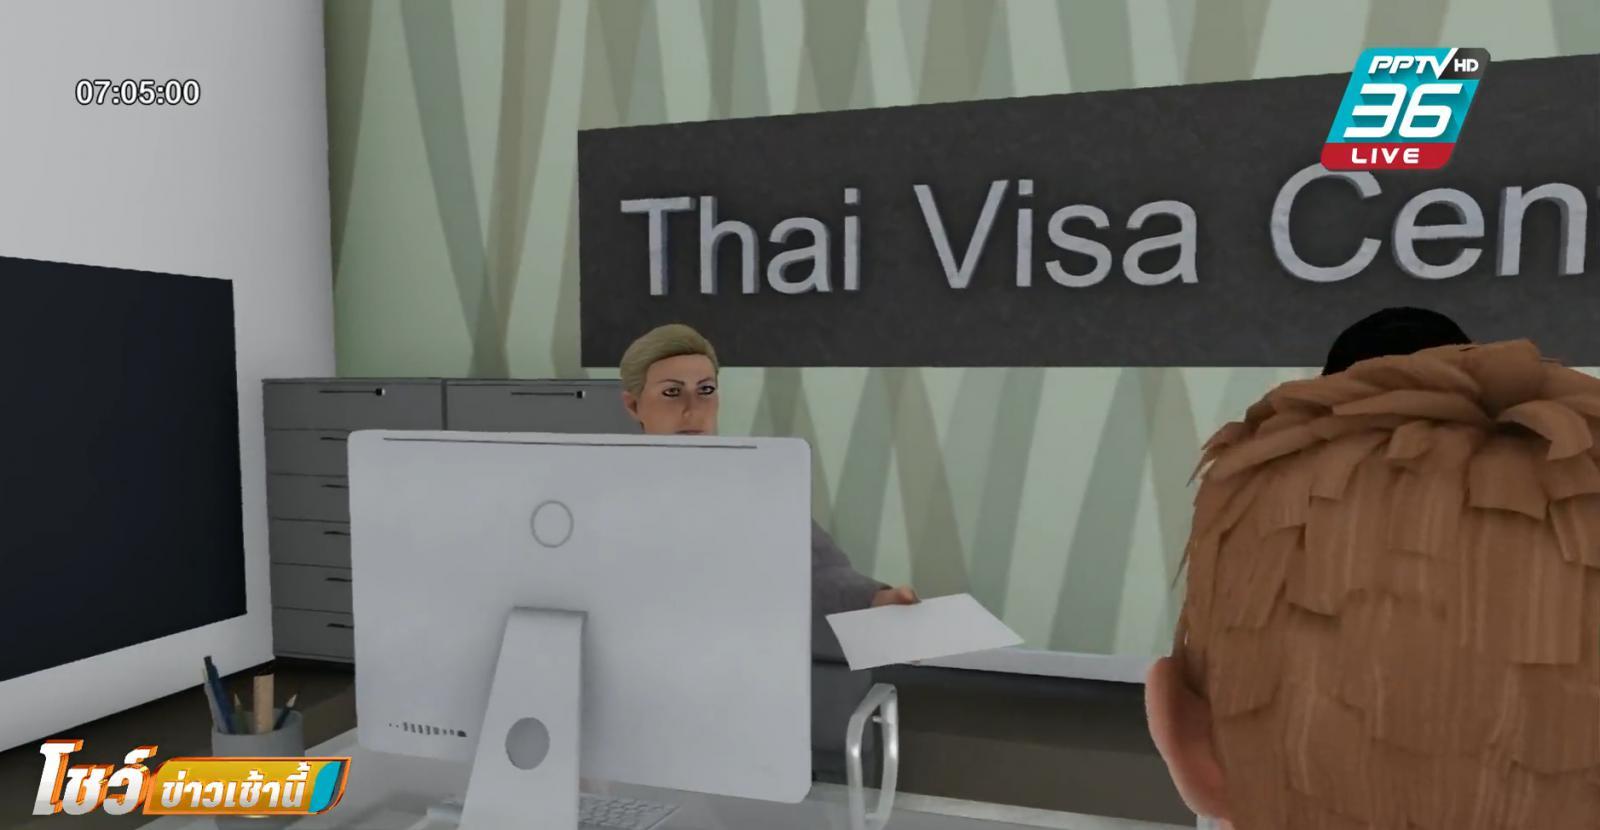 รวบสาวไทย-สามีต่างชาติ เปิดบริษัทต่อวีซ่าปลอม